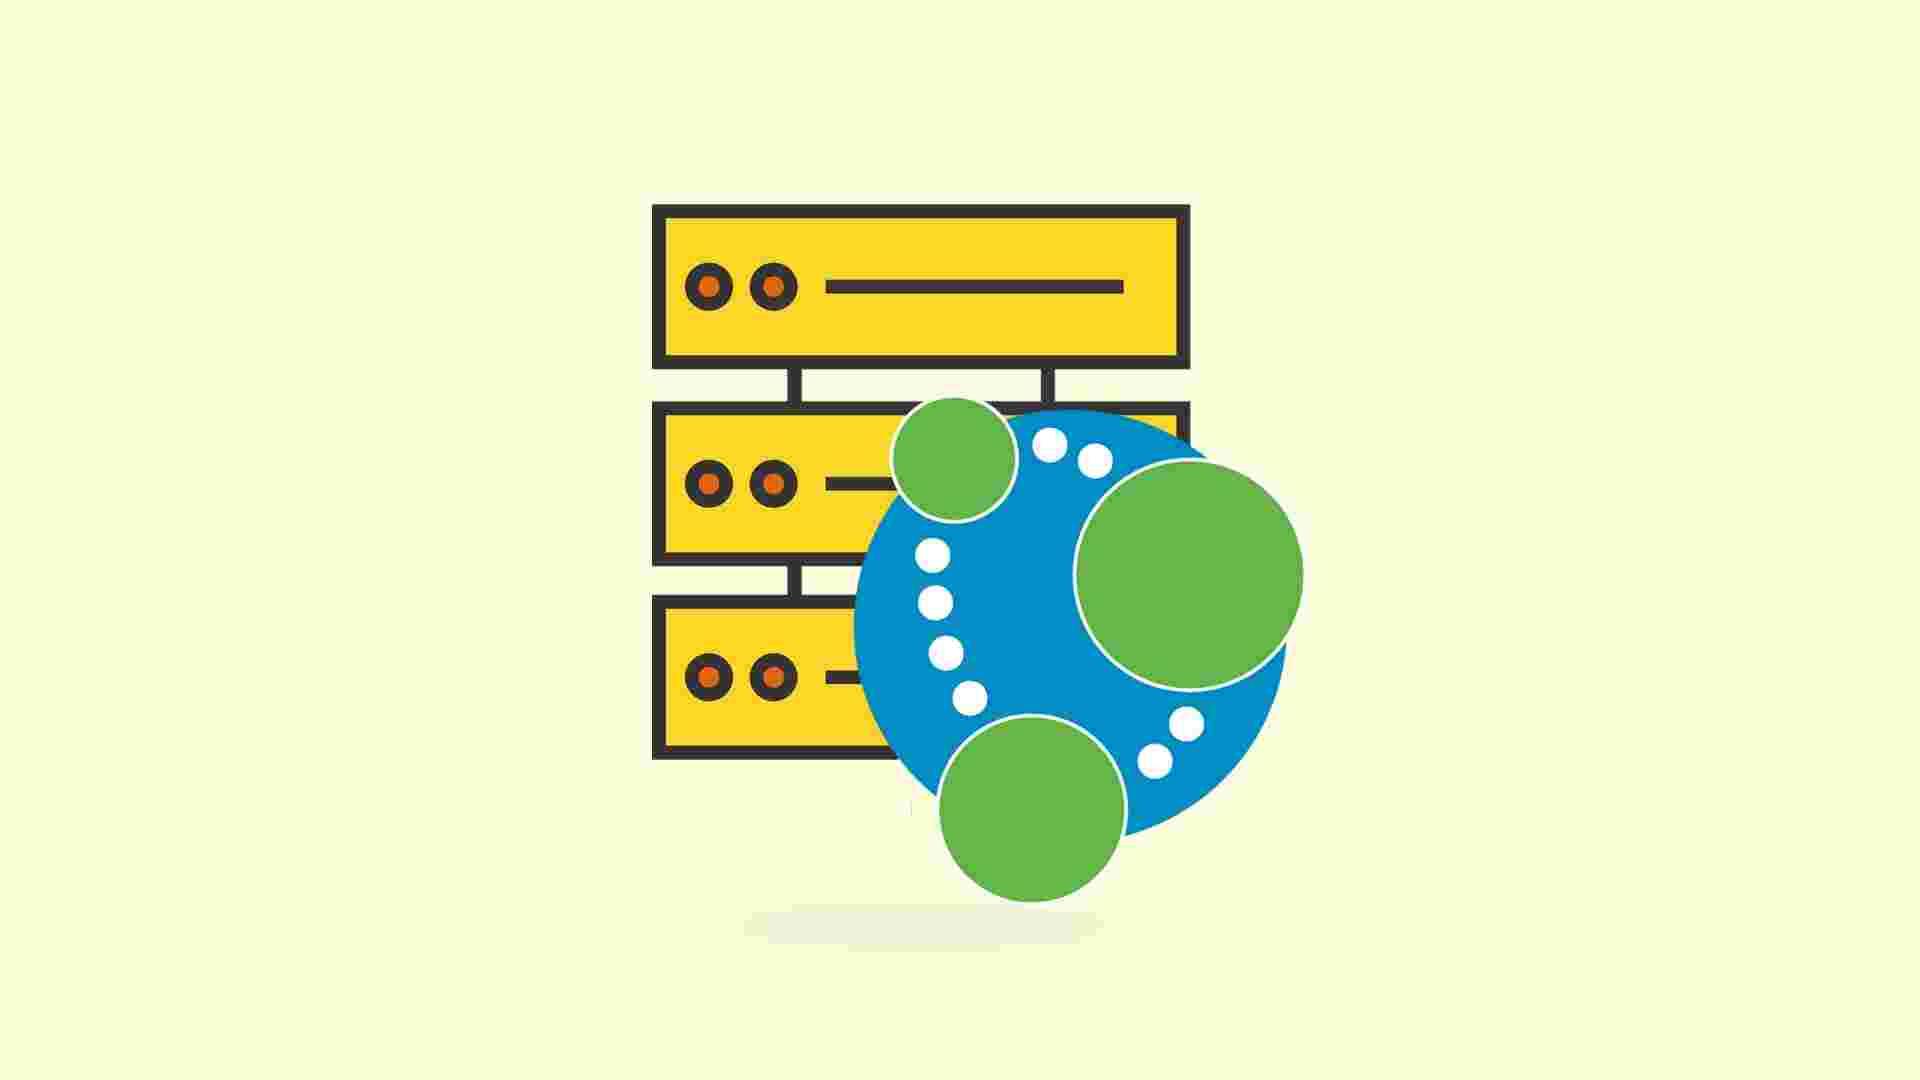 آموزش پایگاه داده Neo4j – پایگاه داده مبتنی بر گراف